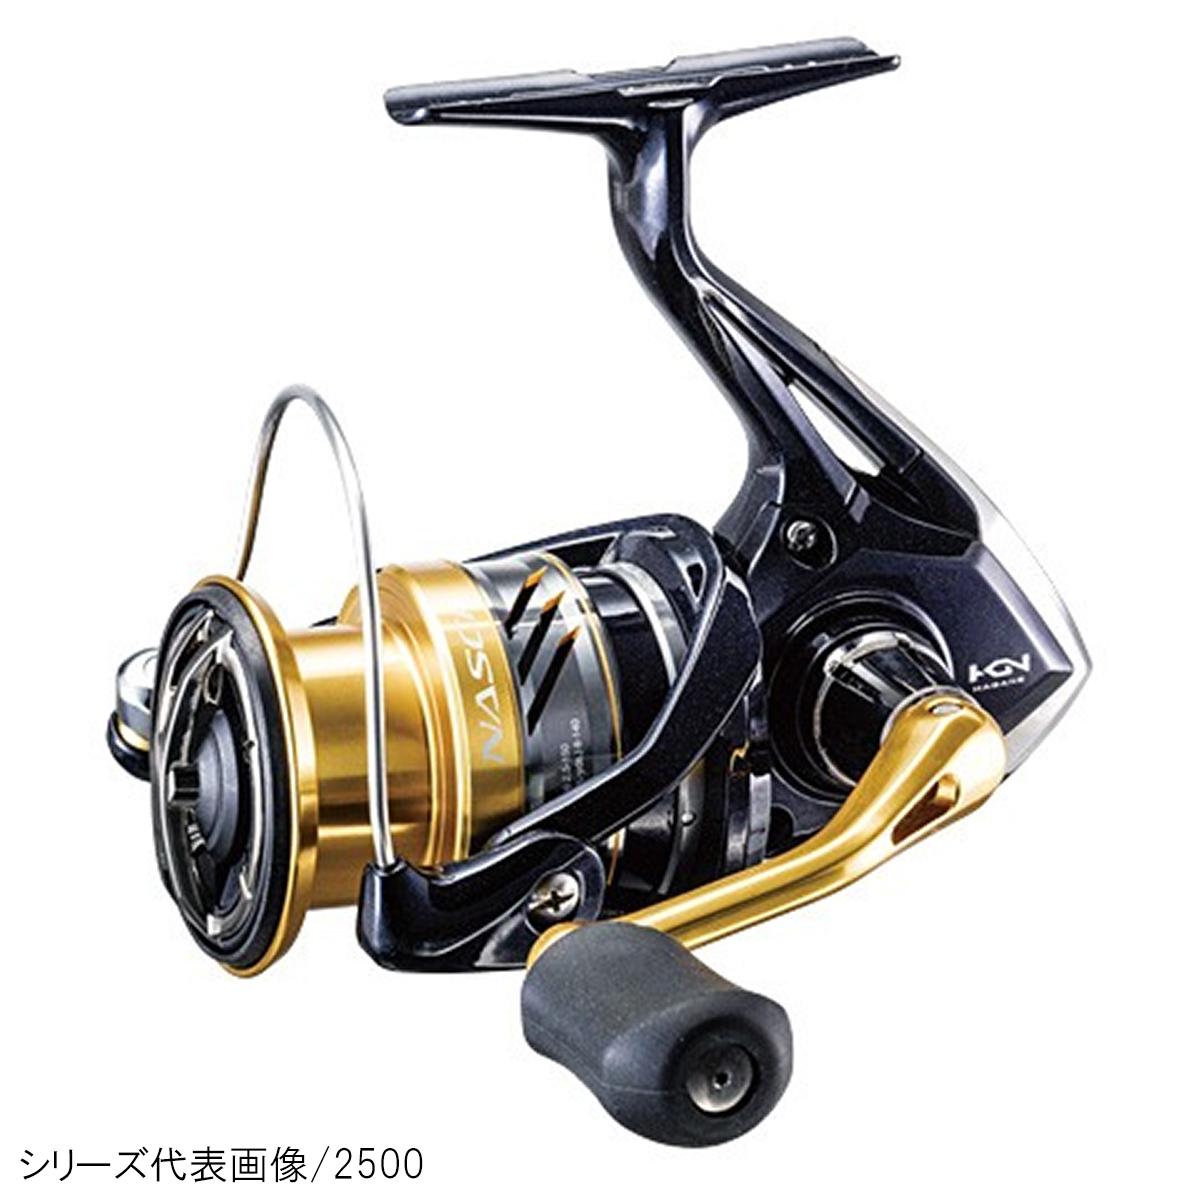 シマノ ナスキー 2500HGS(東日本店)